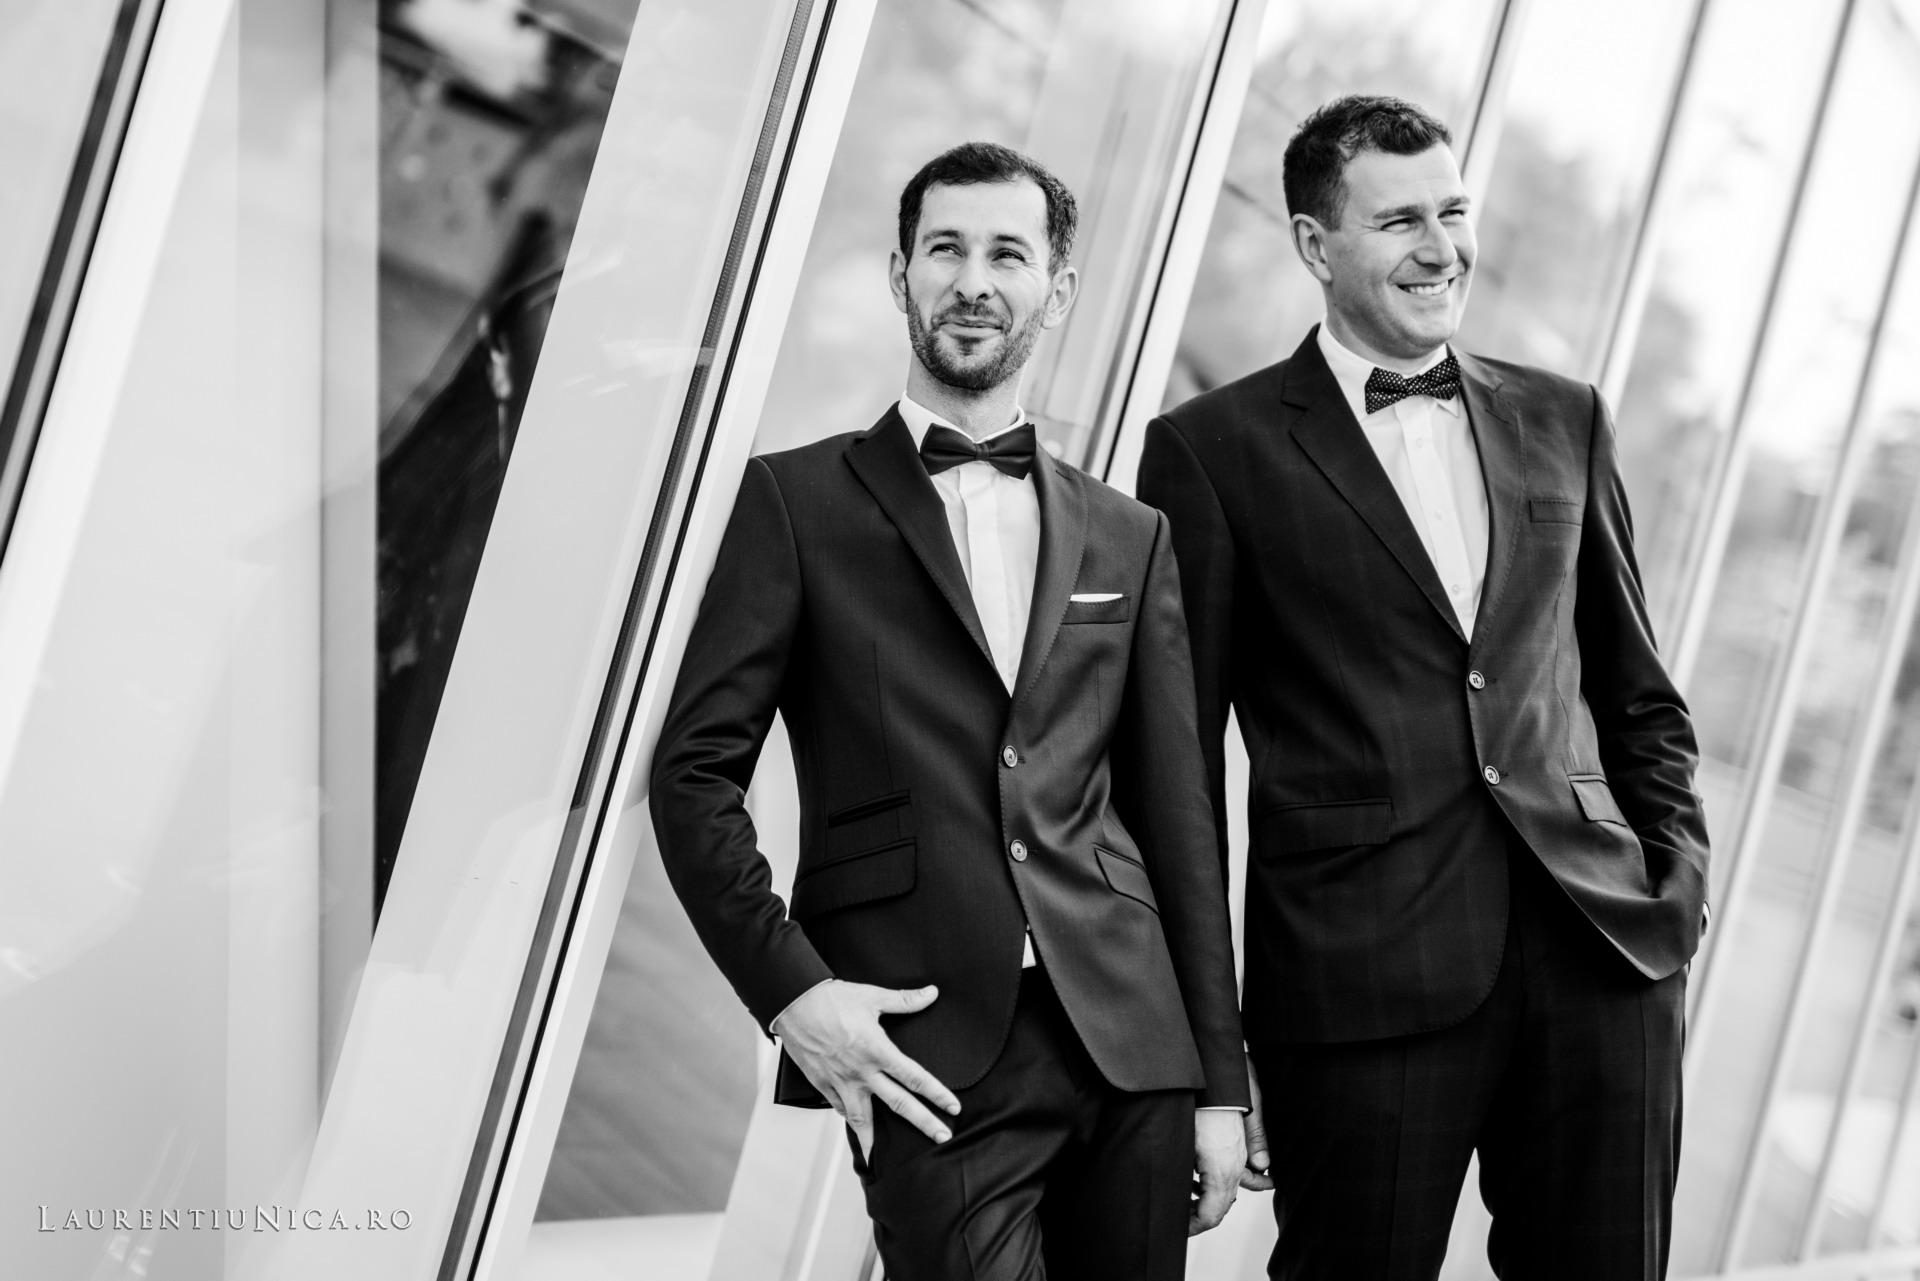 carolina si sorin craiova fotograf nunta laurentiu nica33 - Carolina & Sorin | Fotografii nunta